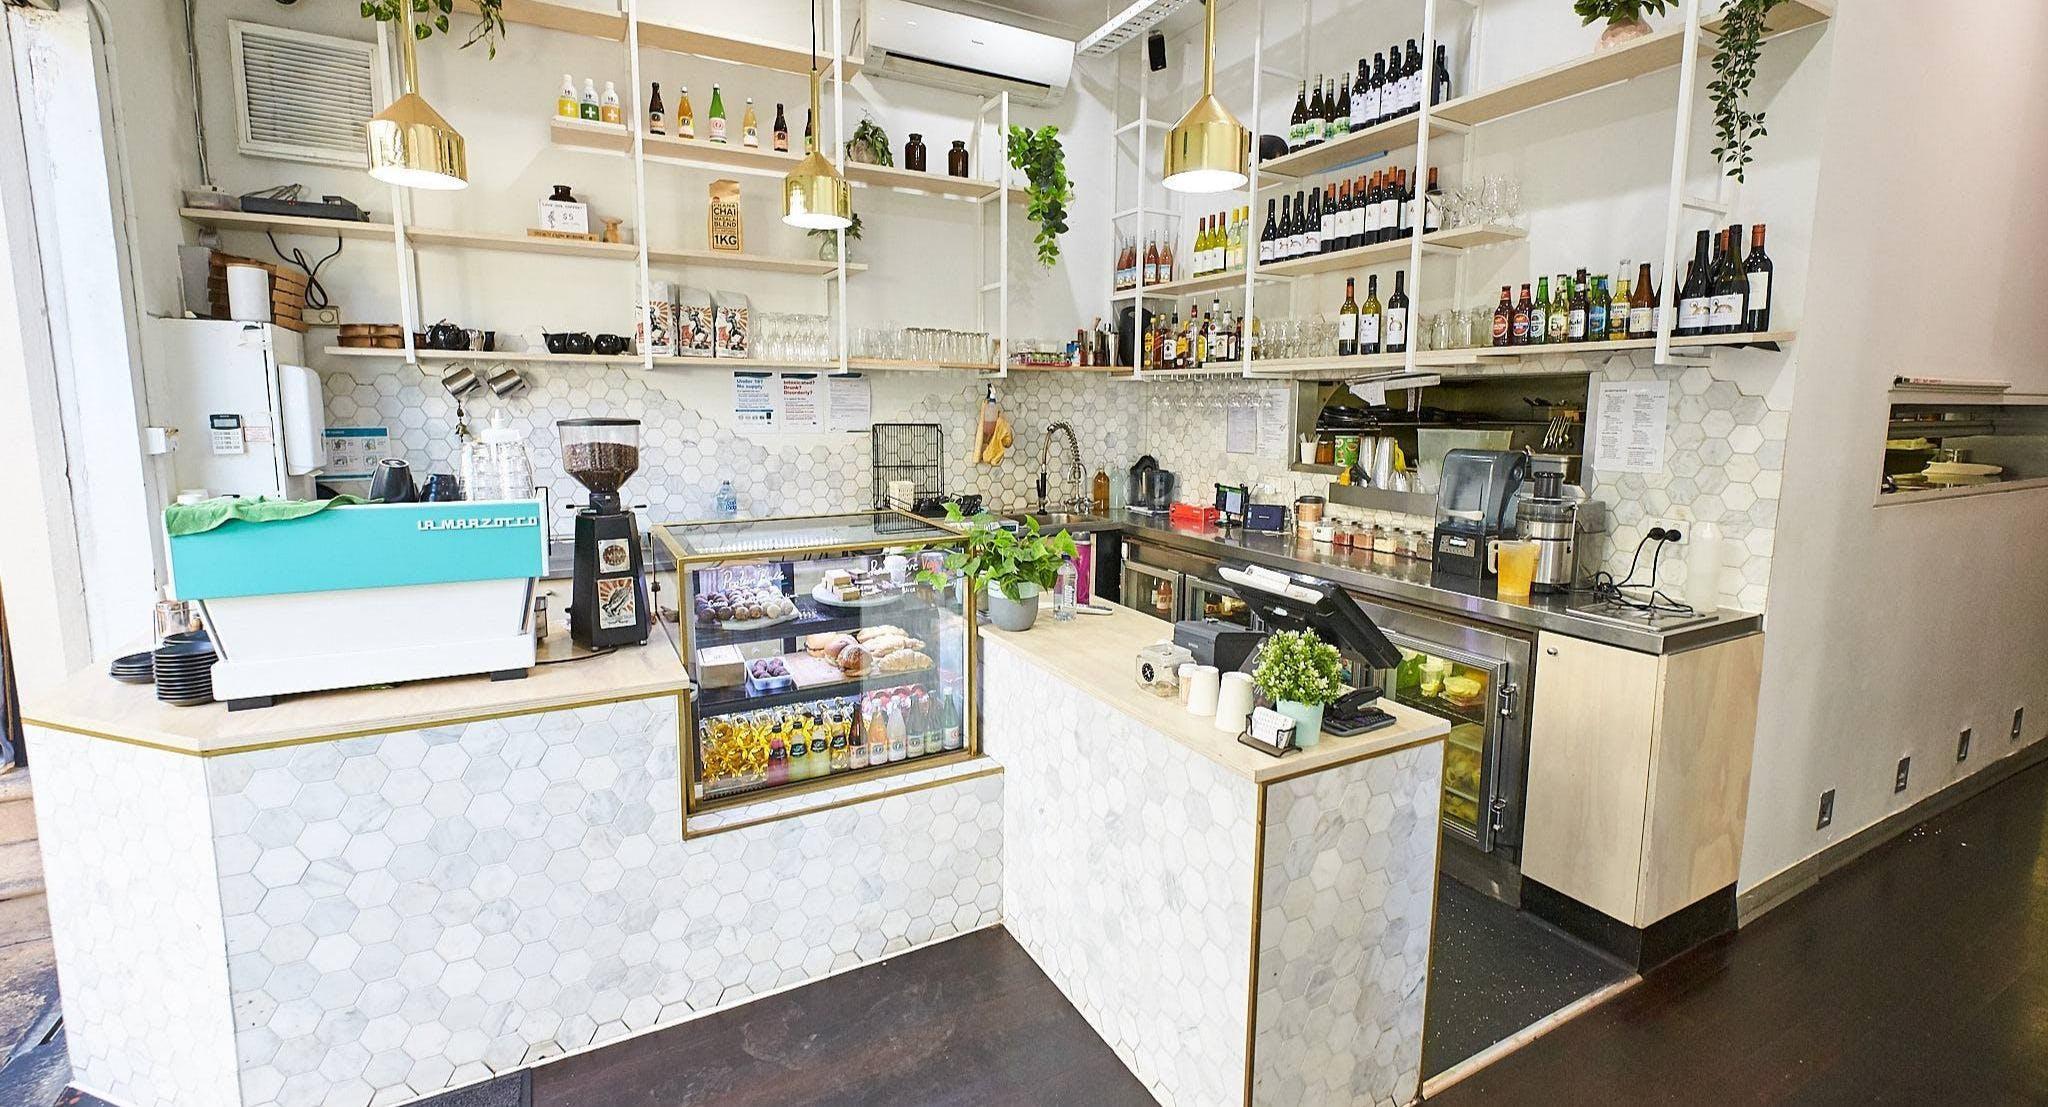 SOS Cafe Melbourne image 2